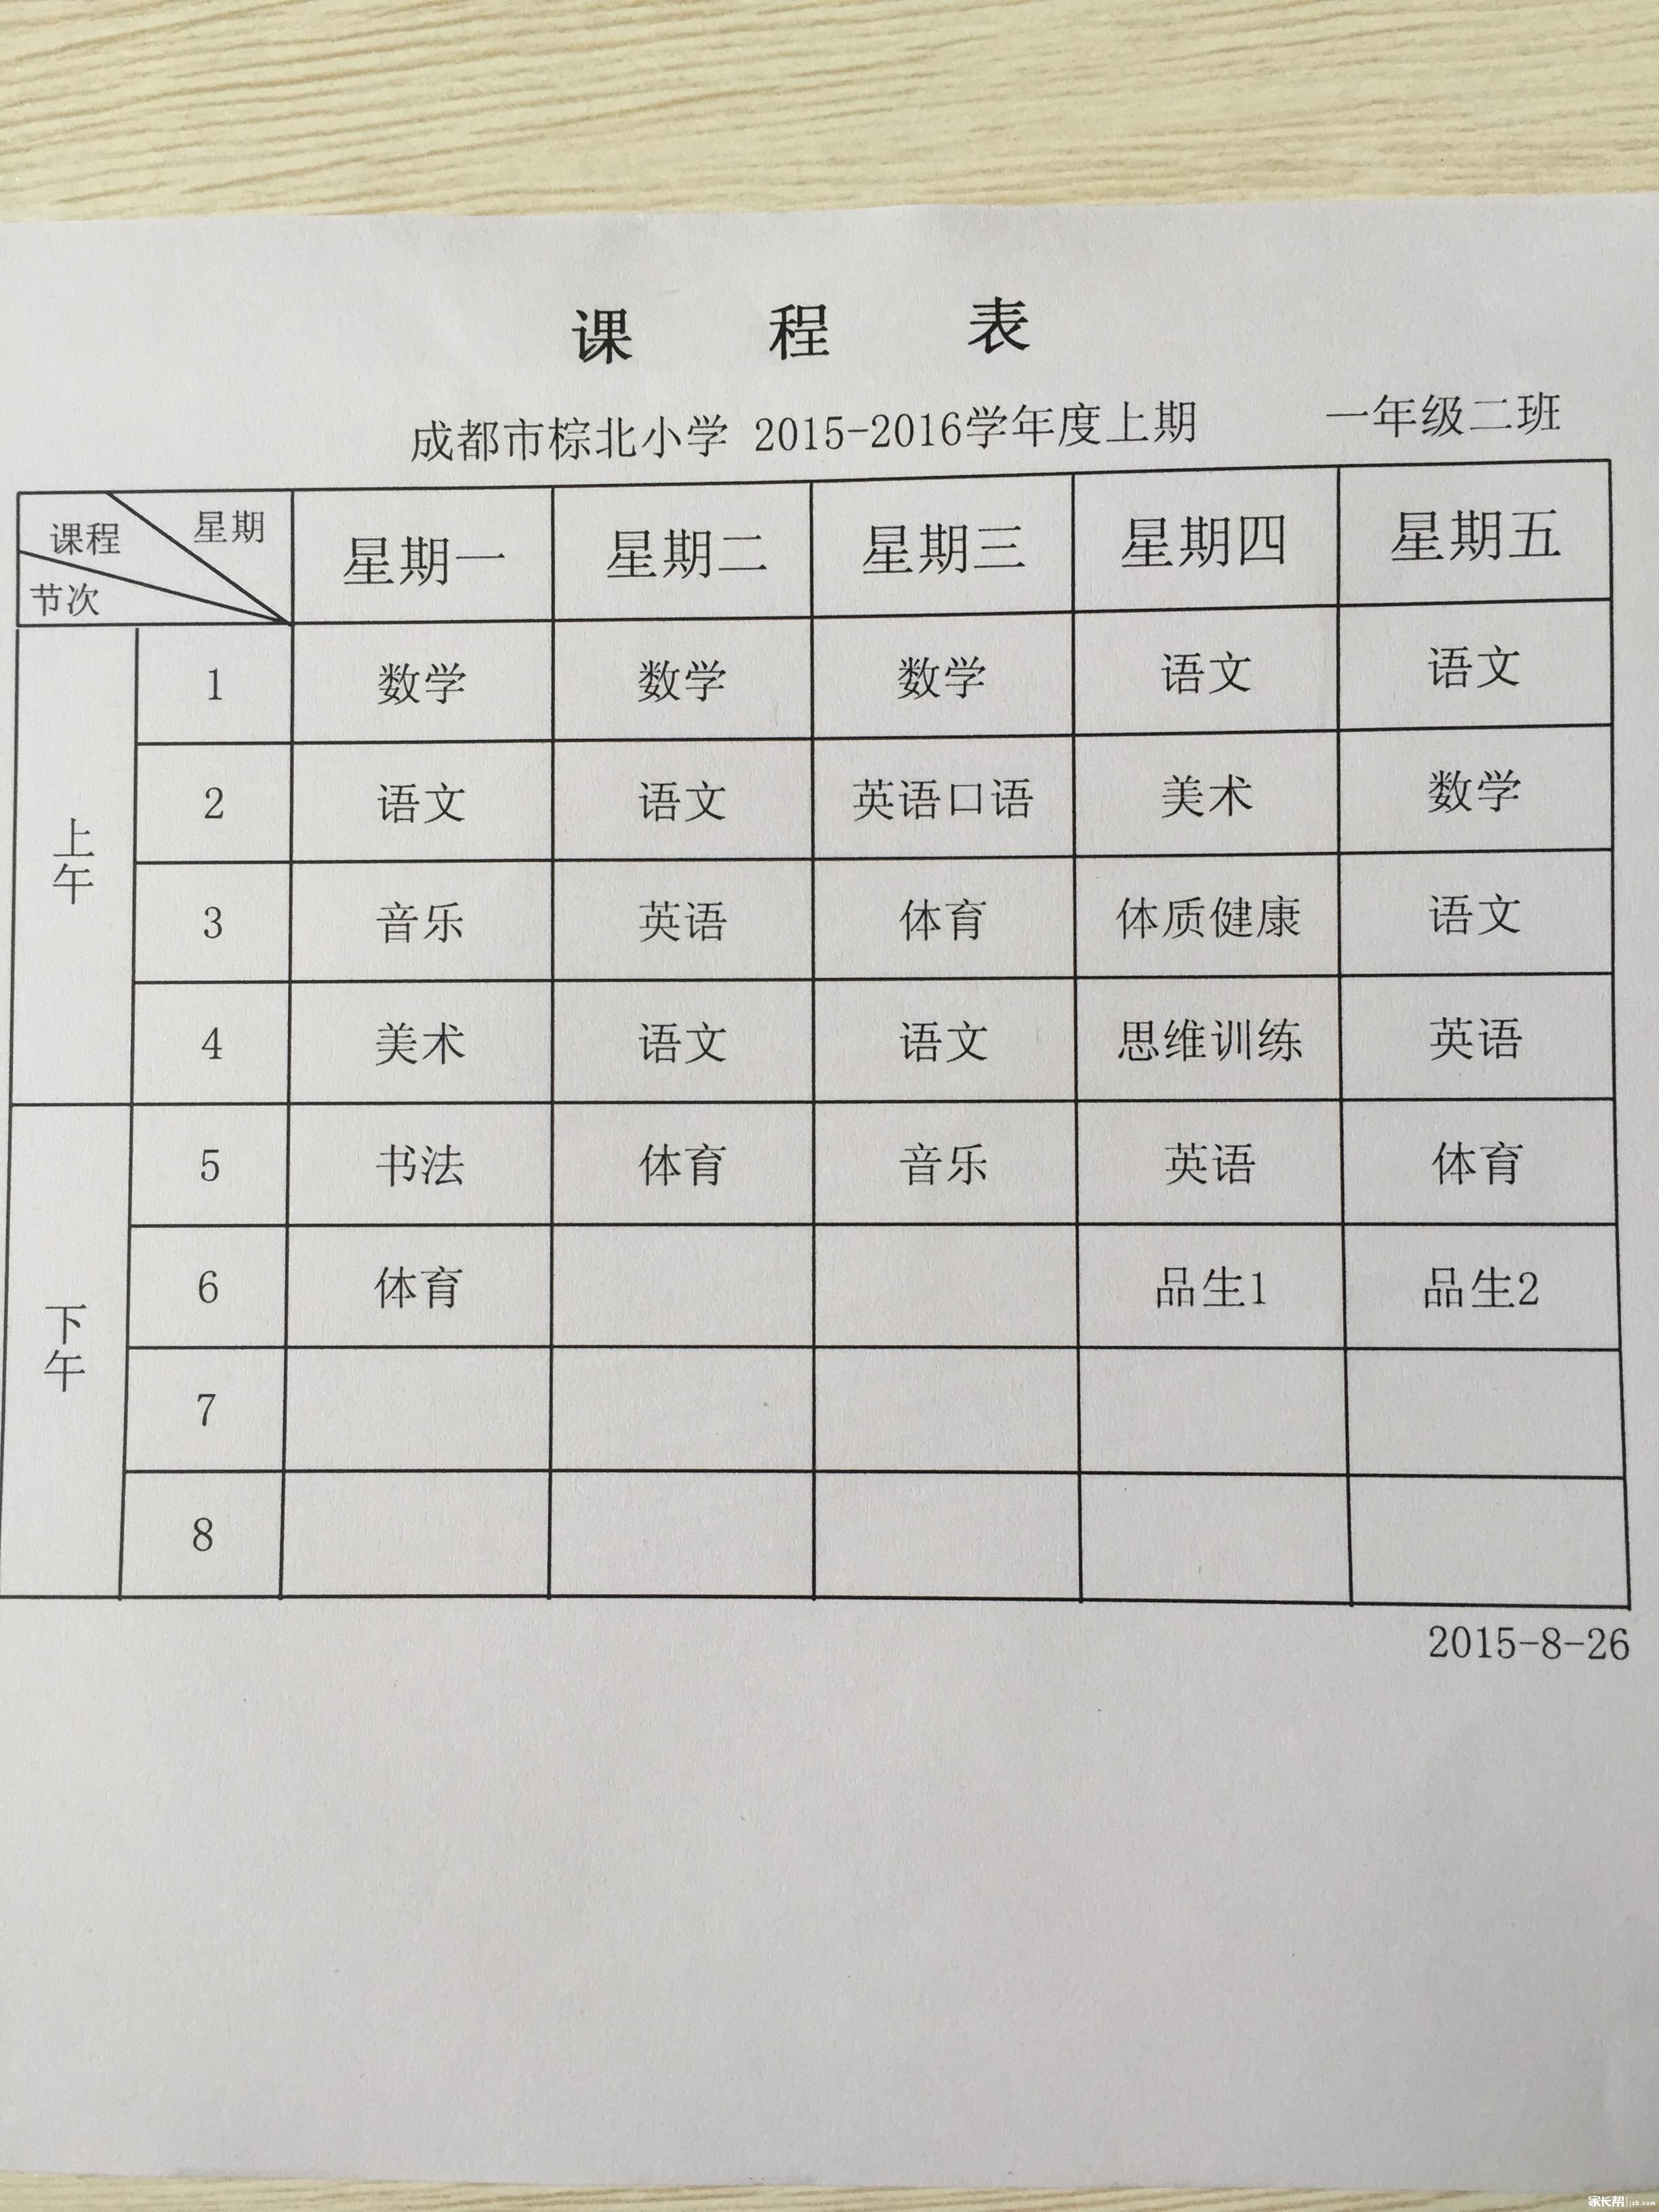 【汇总帖】2015年版:全成都小学课程表,欢迎查看!(不断更新)